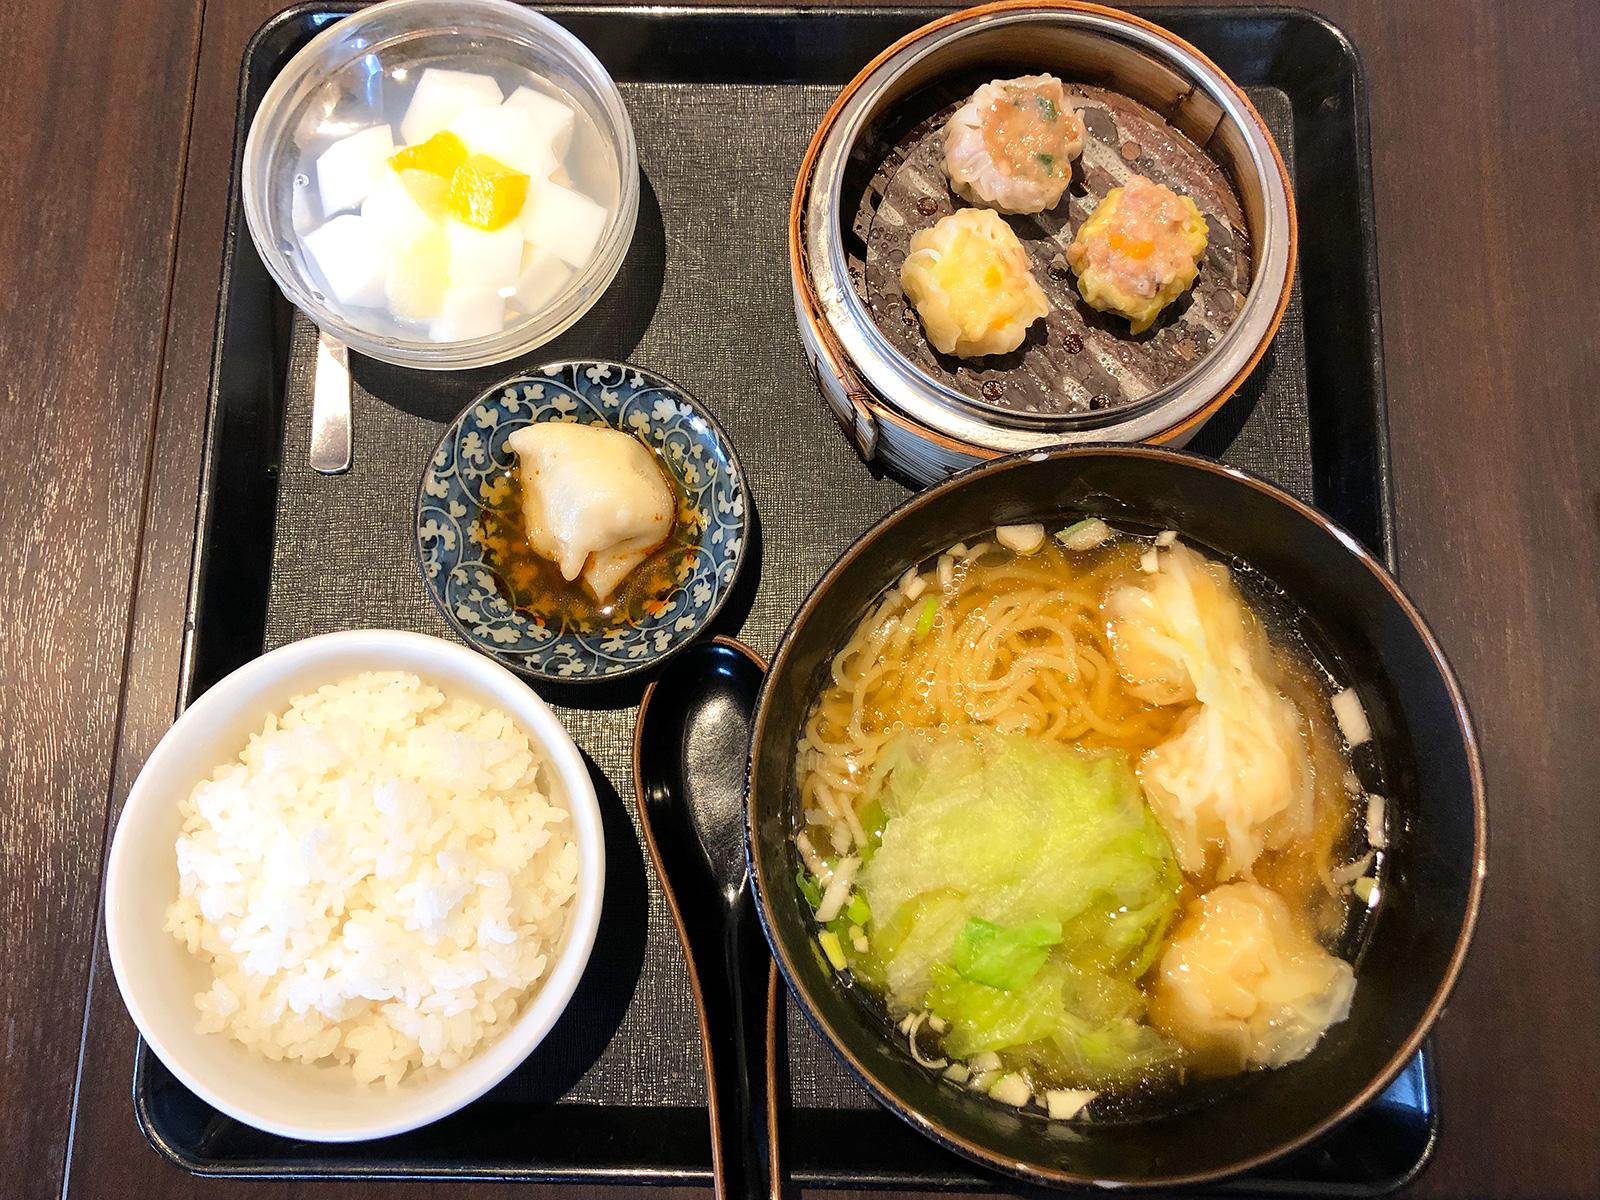 「香港飲茶広東料理 航天」の雲呑麺セットランチ @清須市清洲